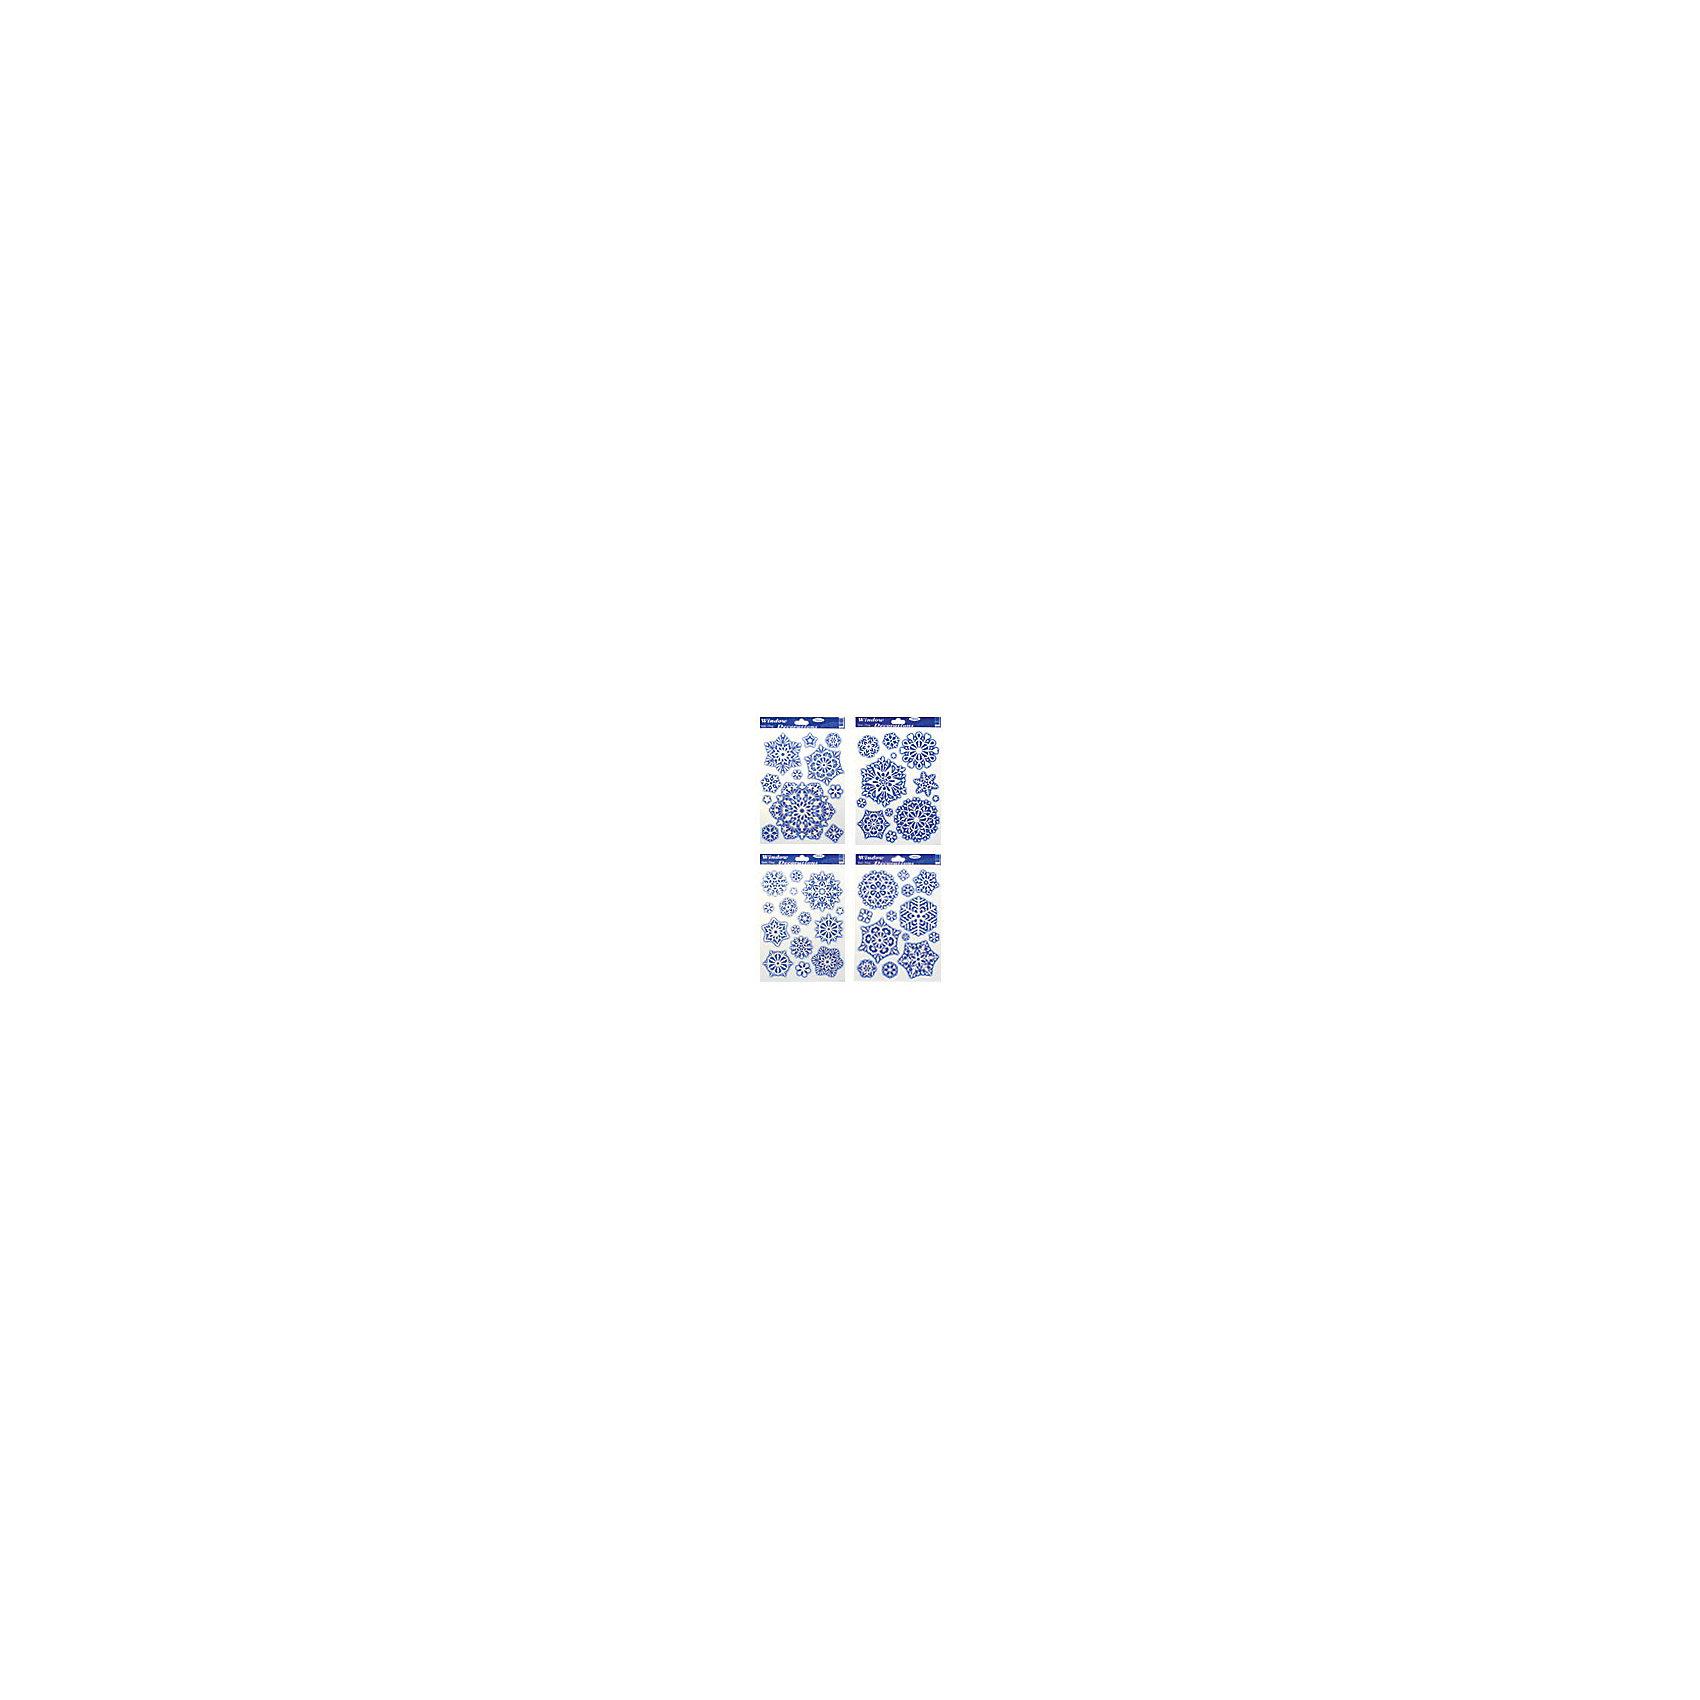 Наклейка на стекло Снежинки 30*20 см, в ассортиментеНаклейка на стекло Снежинки 30*20 см, в ассортименте - этот новогодний стикер создаст праздничную атмосферу.<br>Наклейка на стекло Снежинки- оригинальное украшение, которое в сочетании с елкой довершит чудесное преобразование праздничного интерьера. Украшение предназначено для декорирования стеклянных поверхностей. С его помощью можно оригинально украсить окна, стекла межкомнатных дверей, а так же зеркальные поверхности. Оно создаст впечатление свежести, настоящего мороза. Устройте настоящий праздник!<br><br>Дополнительная информация:<br><br>- В ассортименте: 4 вида<br>- Размер: 30х20 см.<br>- ВНИМАНИЕ! Данный артикул представлен в разных вариантах исполнения. К сожалению, заранее выбрать определенный вариант невозможно. При заказе нескольких наклеек возможно получение одинаковых<br><br>Наклейку на стекло Снежинки 30*20 см, в ассортименте можно купить в нашем интернет-магазине.<br><br>Ширина мм: 100<br>Глубина мм: 10<br>Высота мм: 100<br>Вес г: 333<br>Возраст от месяцев: 36<br>Возраст до месяцев: 2147483647<br>Пол: Унисекс<br>Возраст: Детский<br>SKU: 4418966